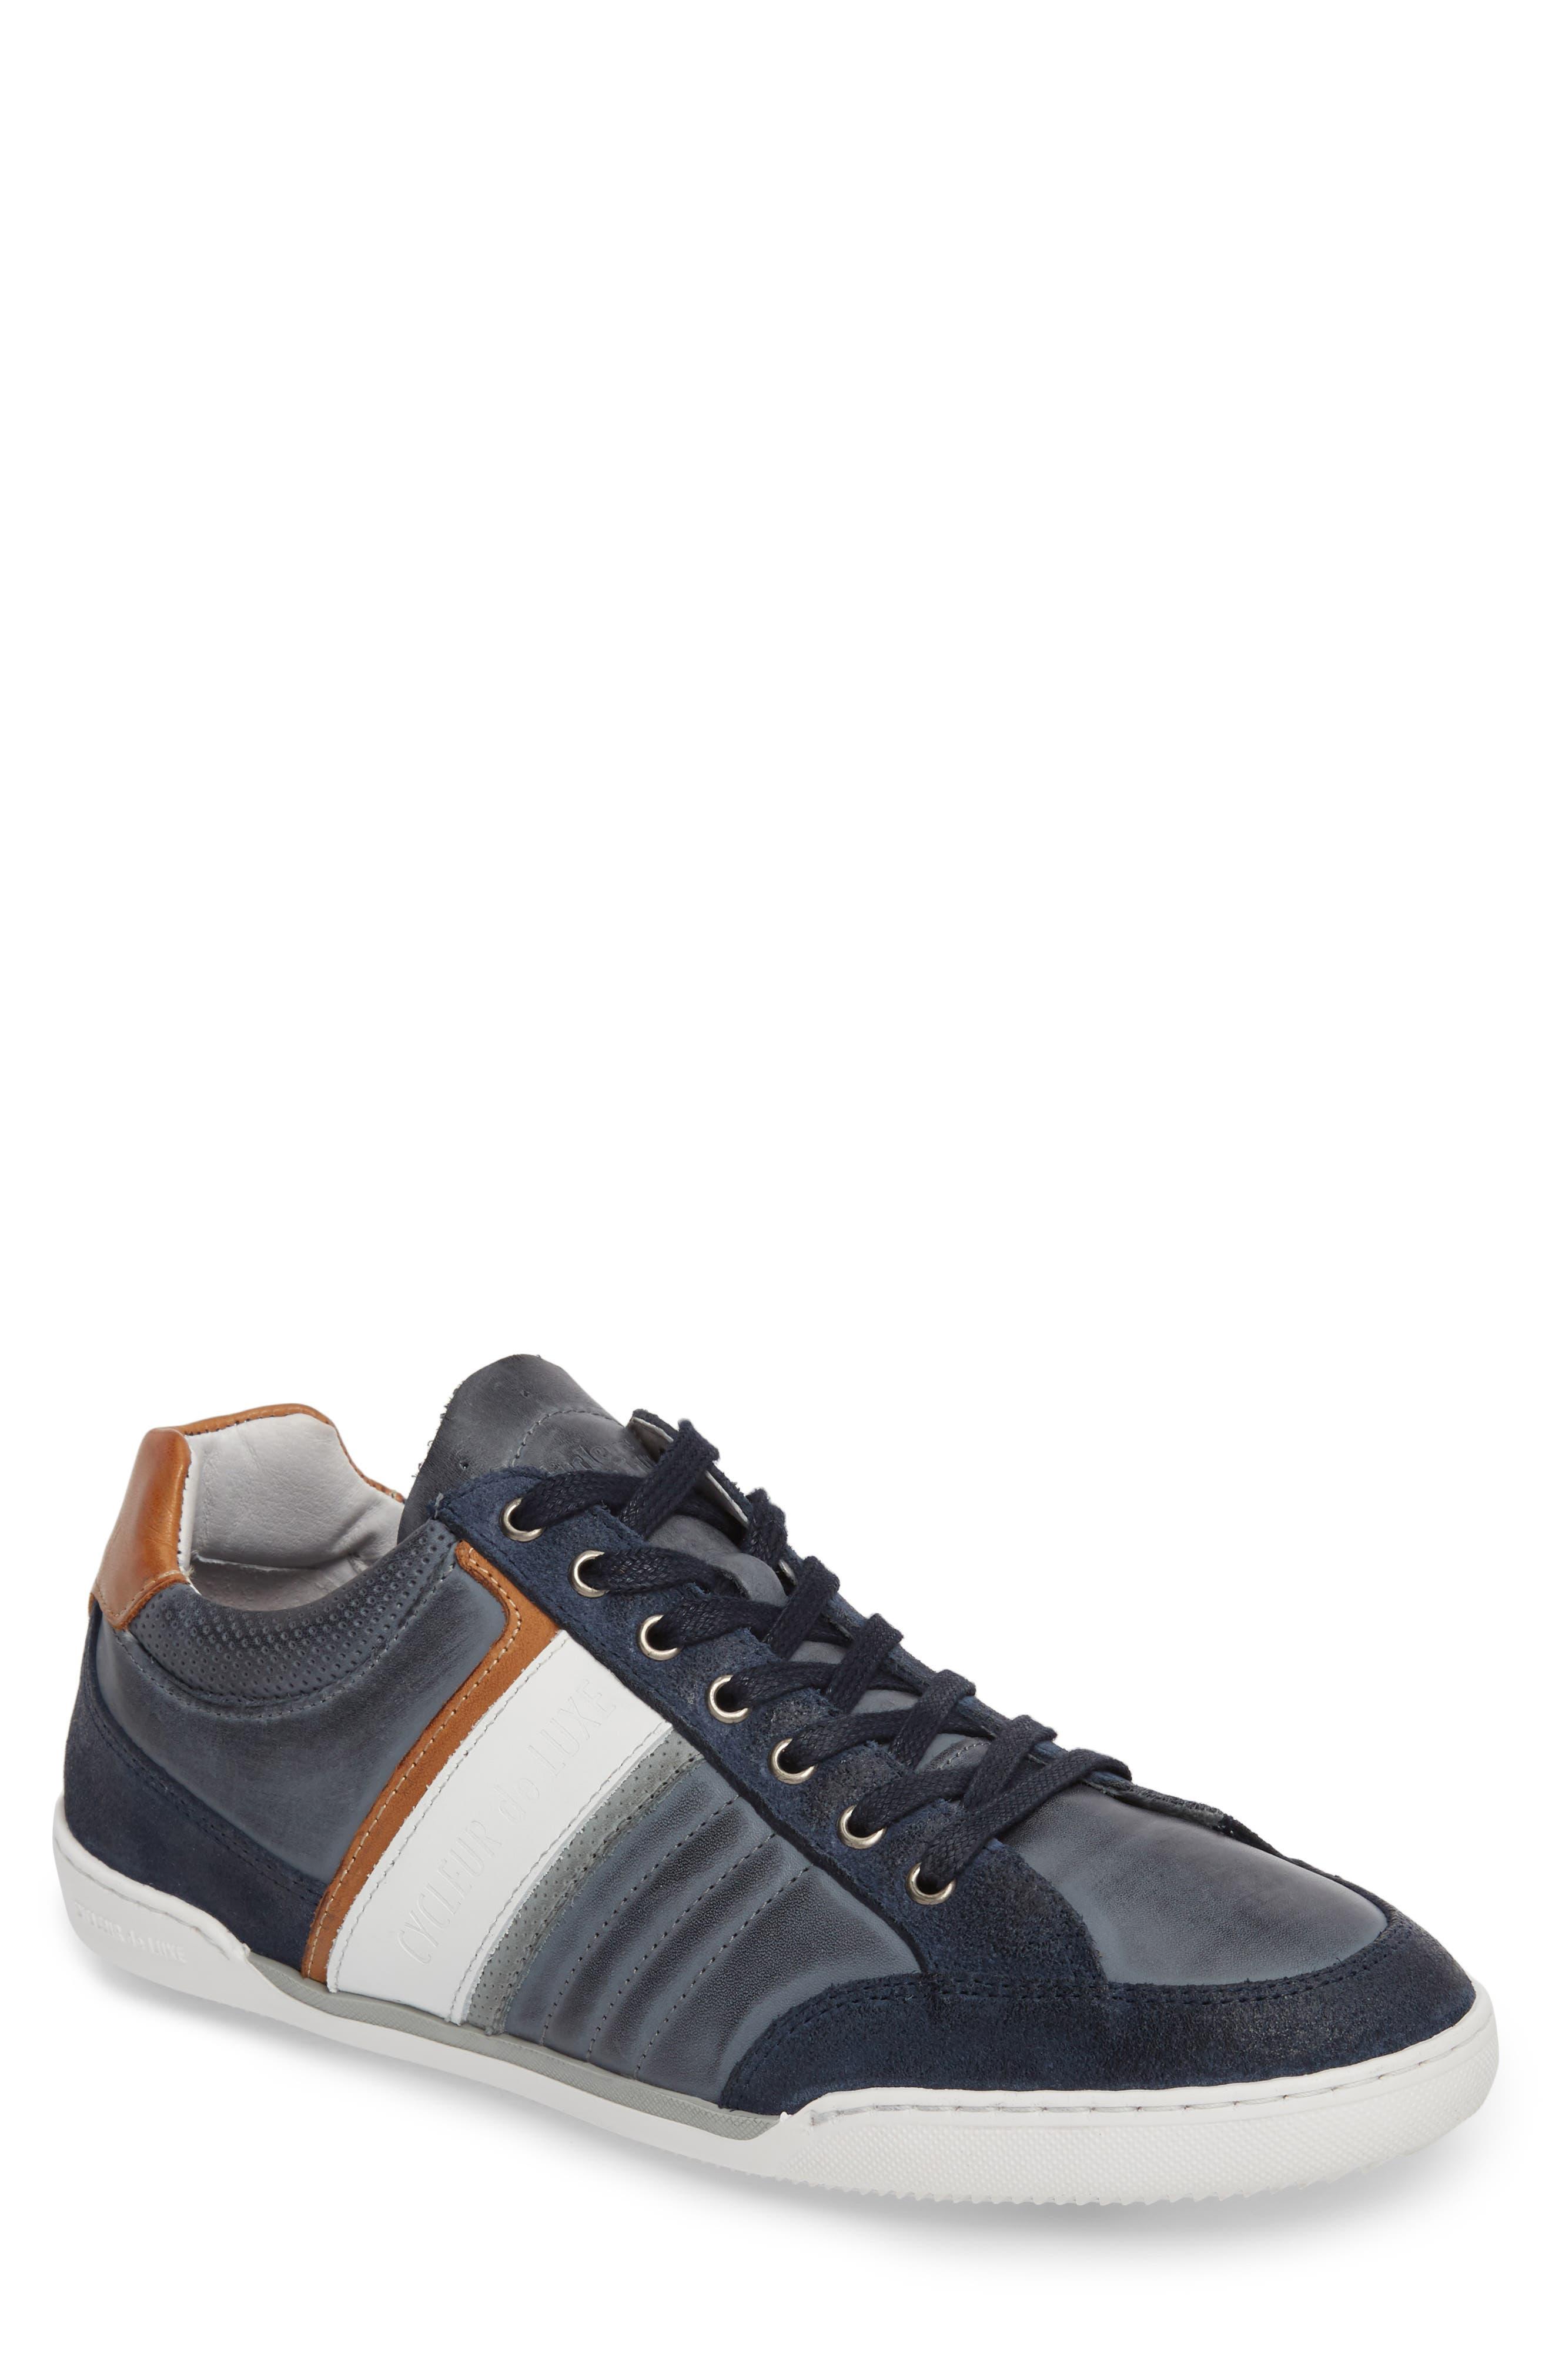 Solo Low Top Sneaker,                             Main thumbnail 1, color,                             Denim/ White/ Cognac Leather